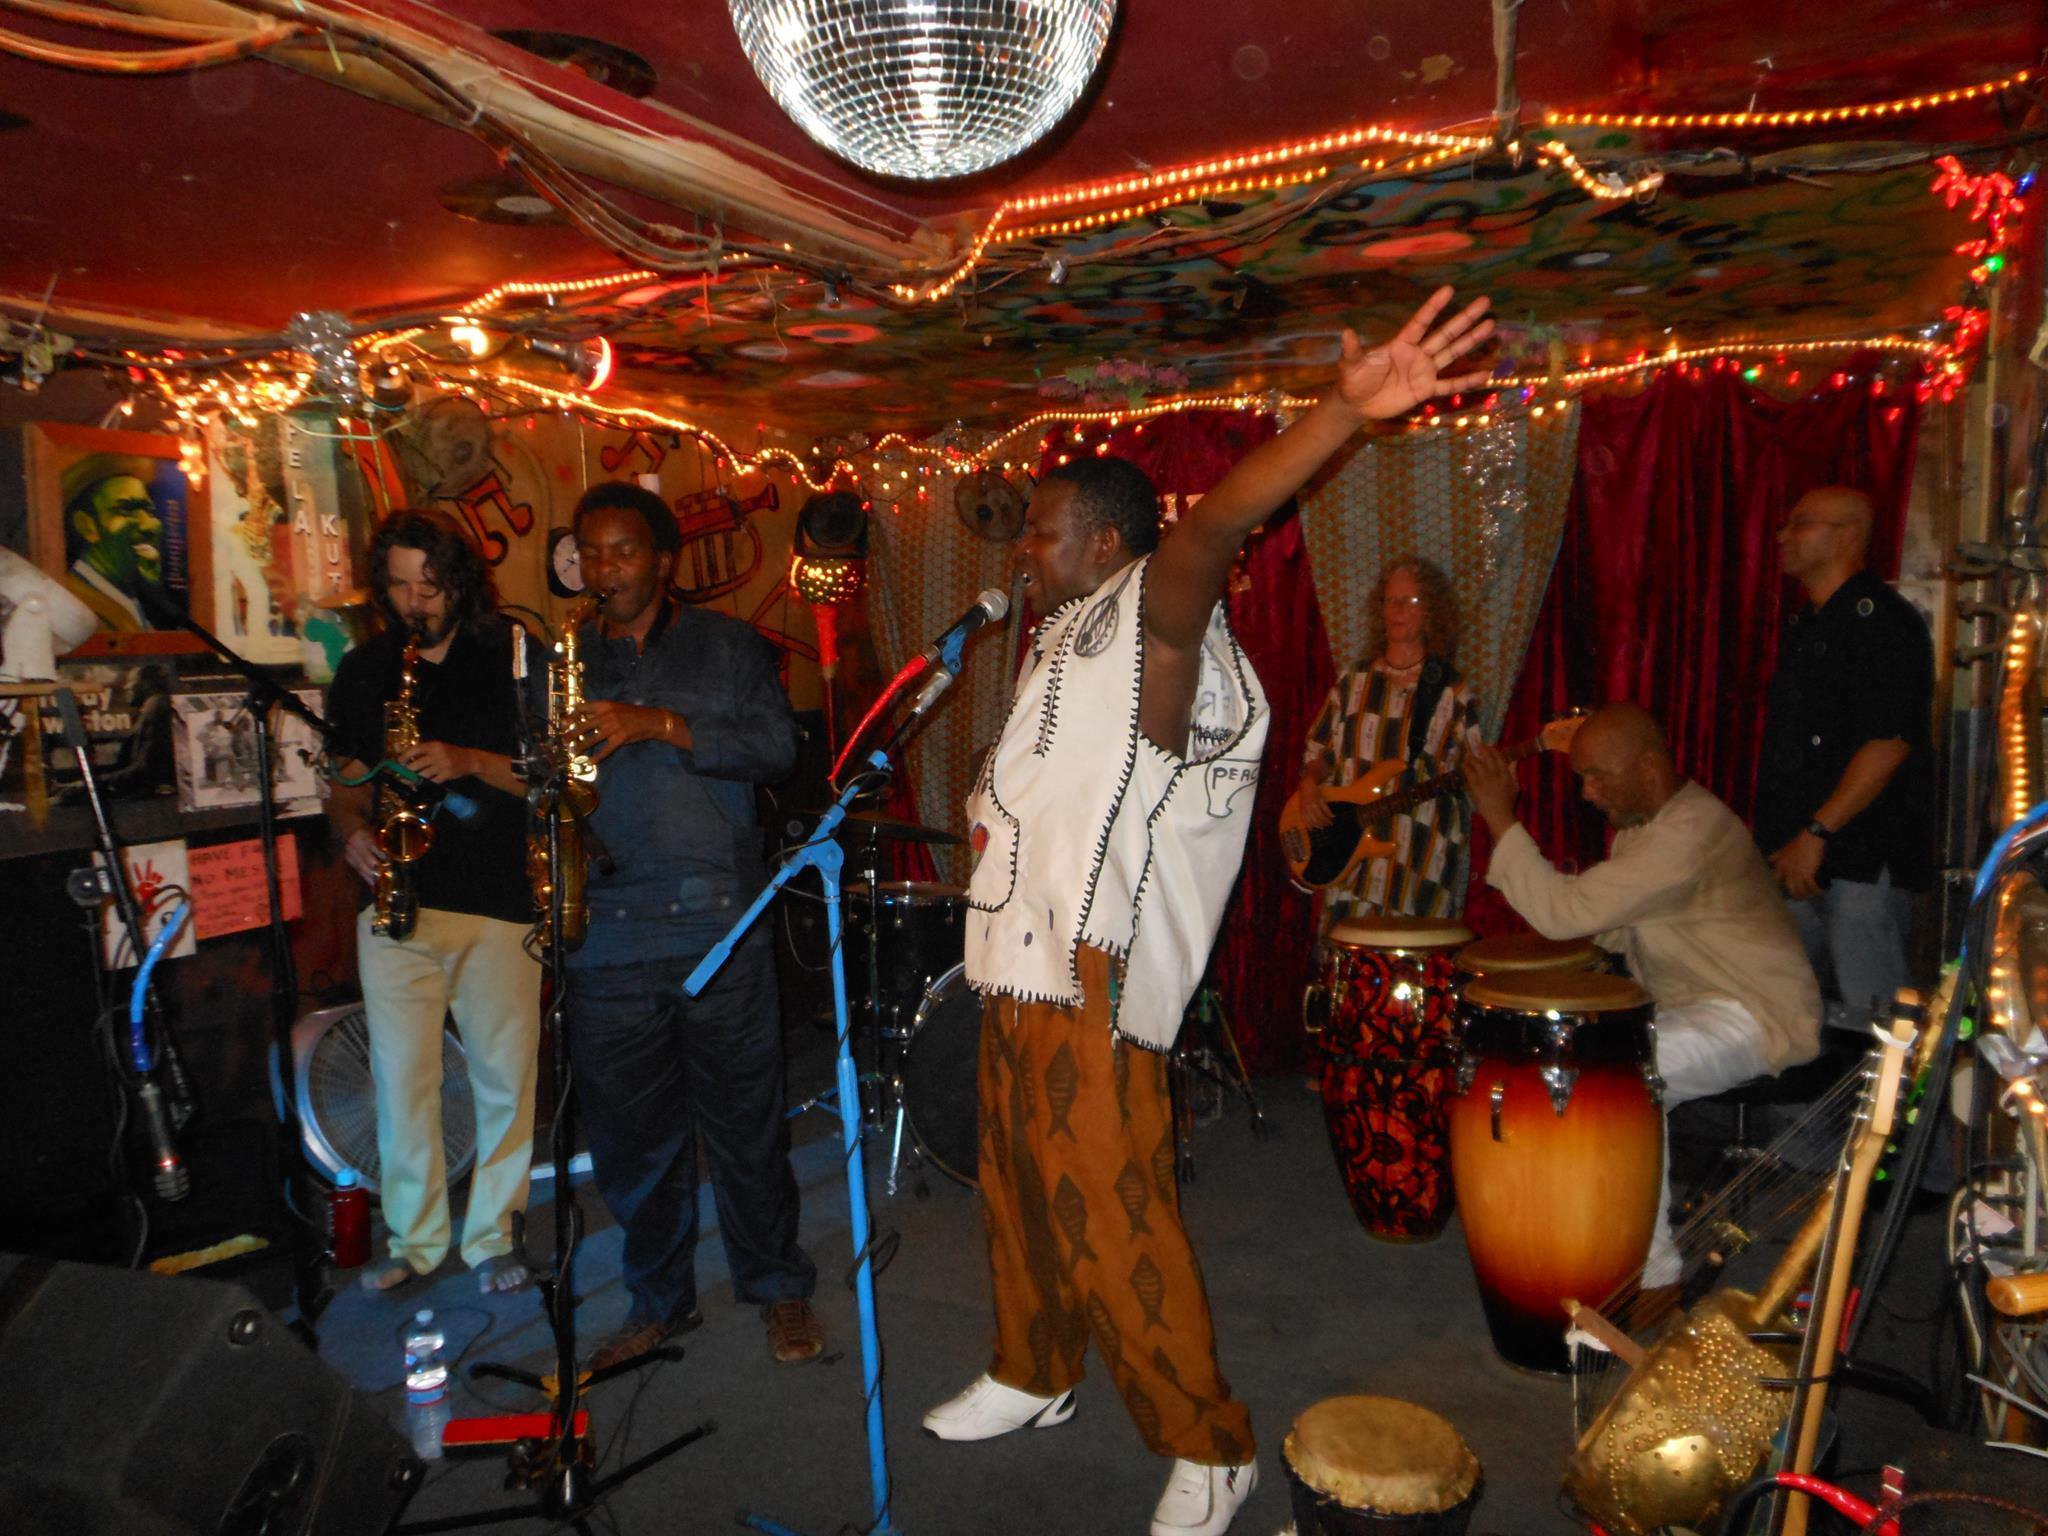 sahara_lounge_austin_texas_bands_diy_musicians_independent_booking_gigs